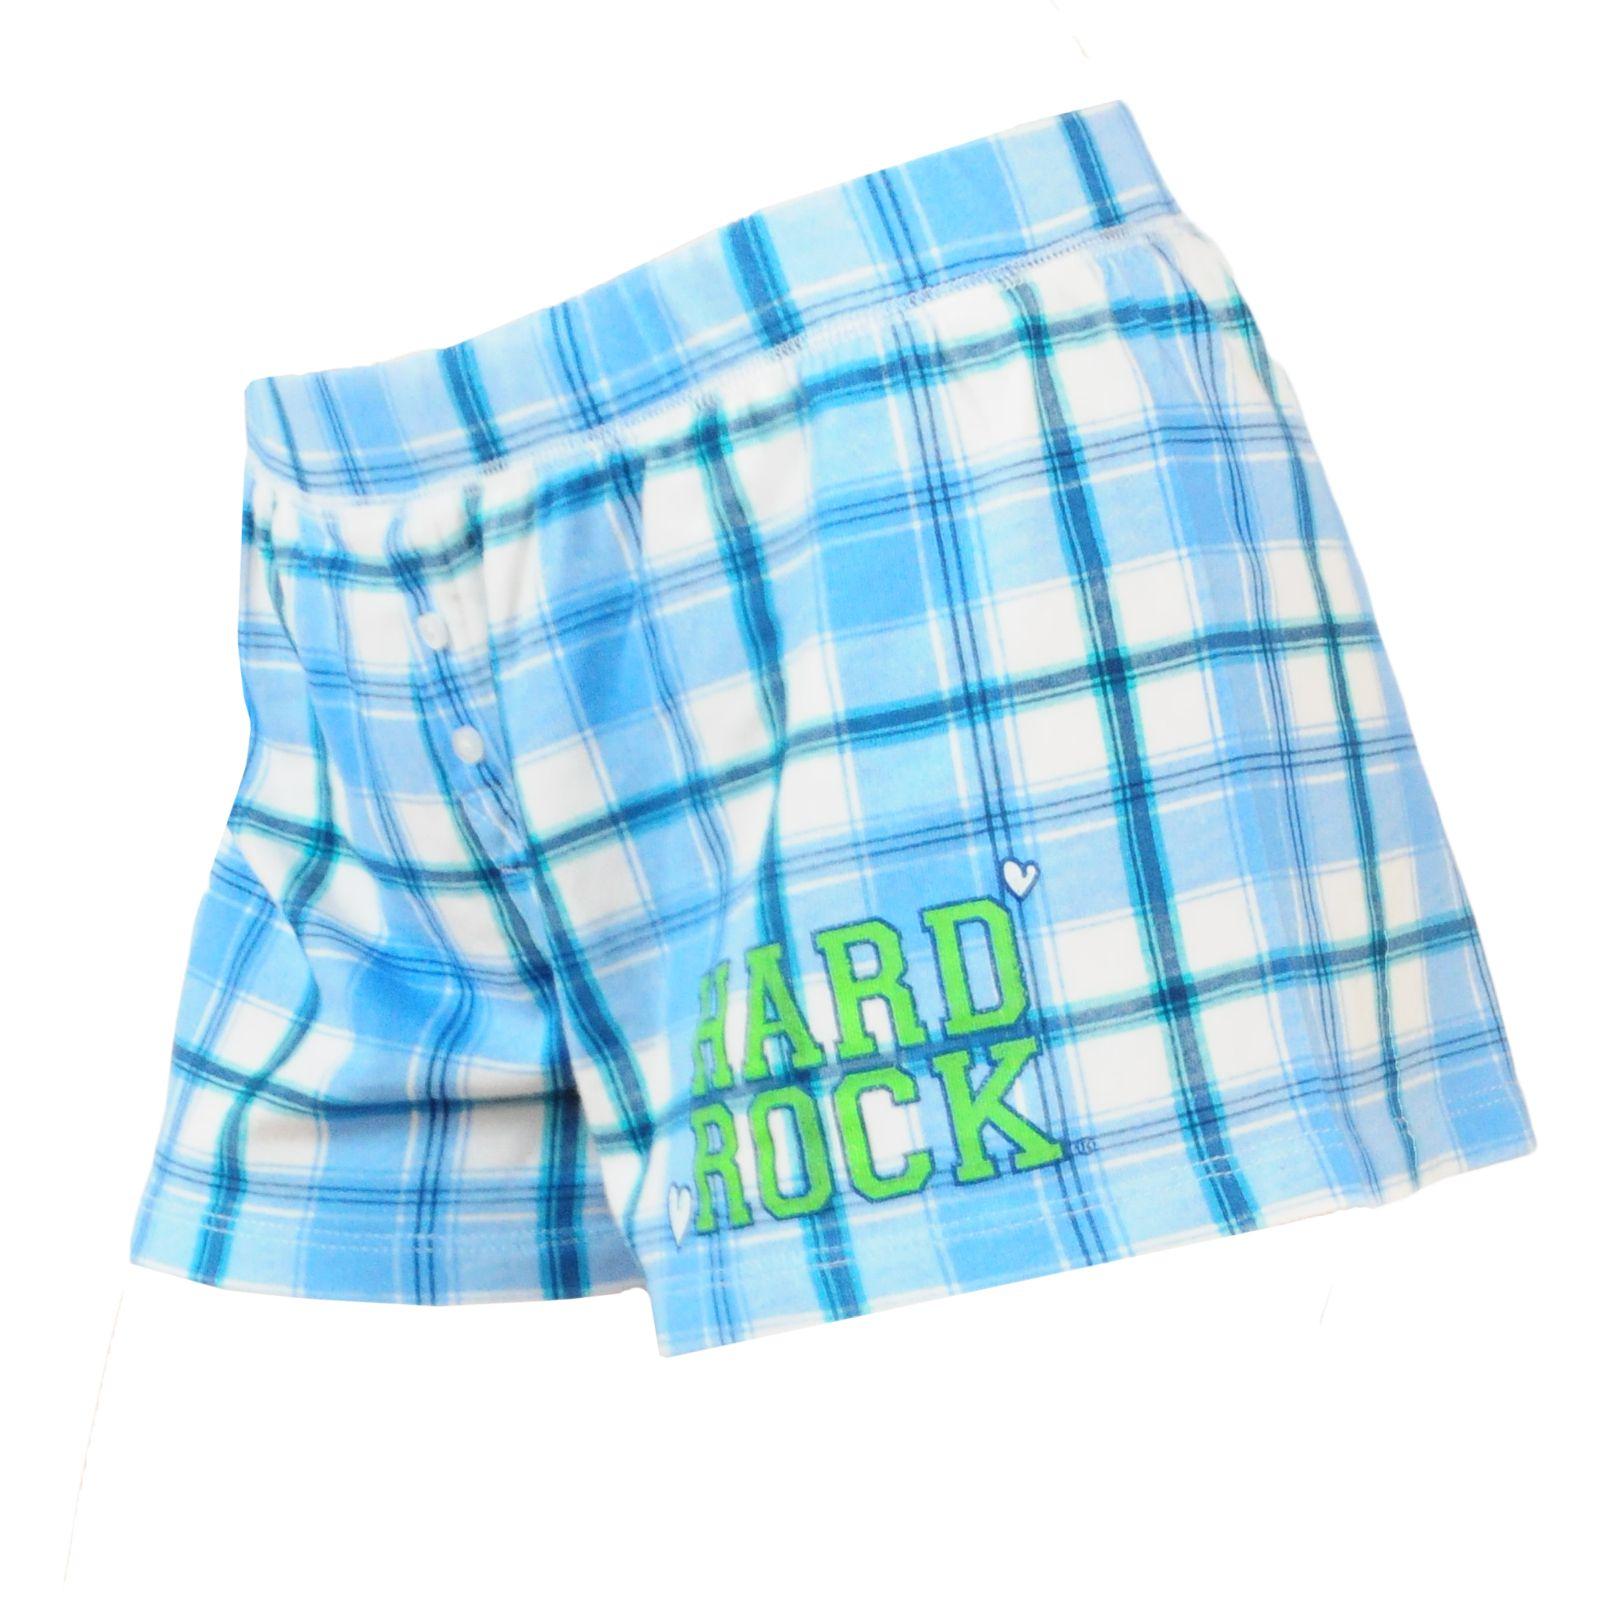 Элегантные пляжные шортики Hard Rock®